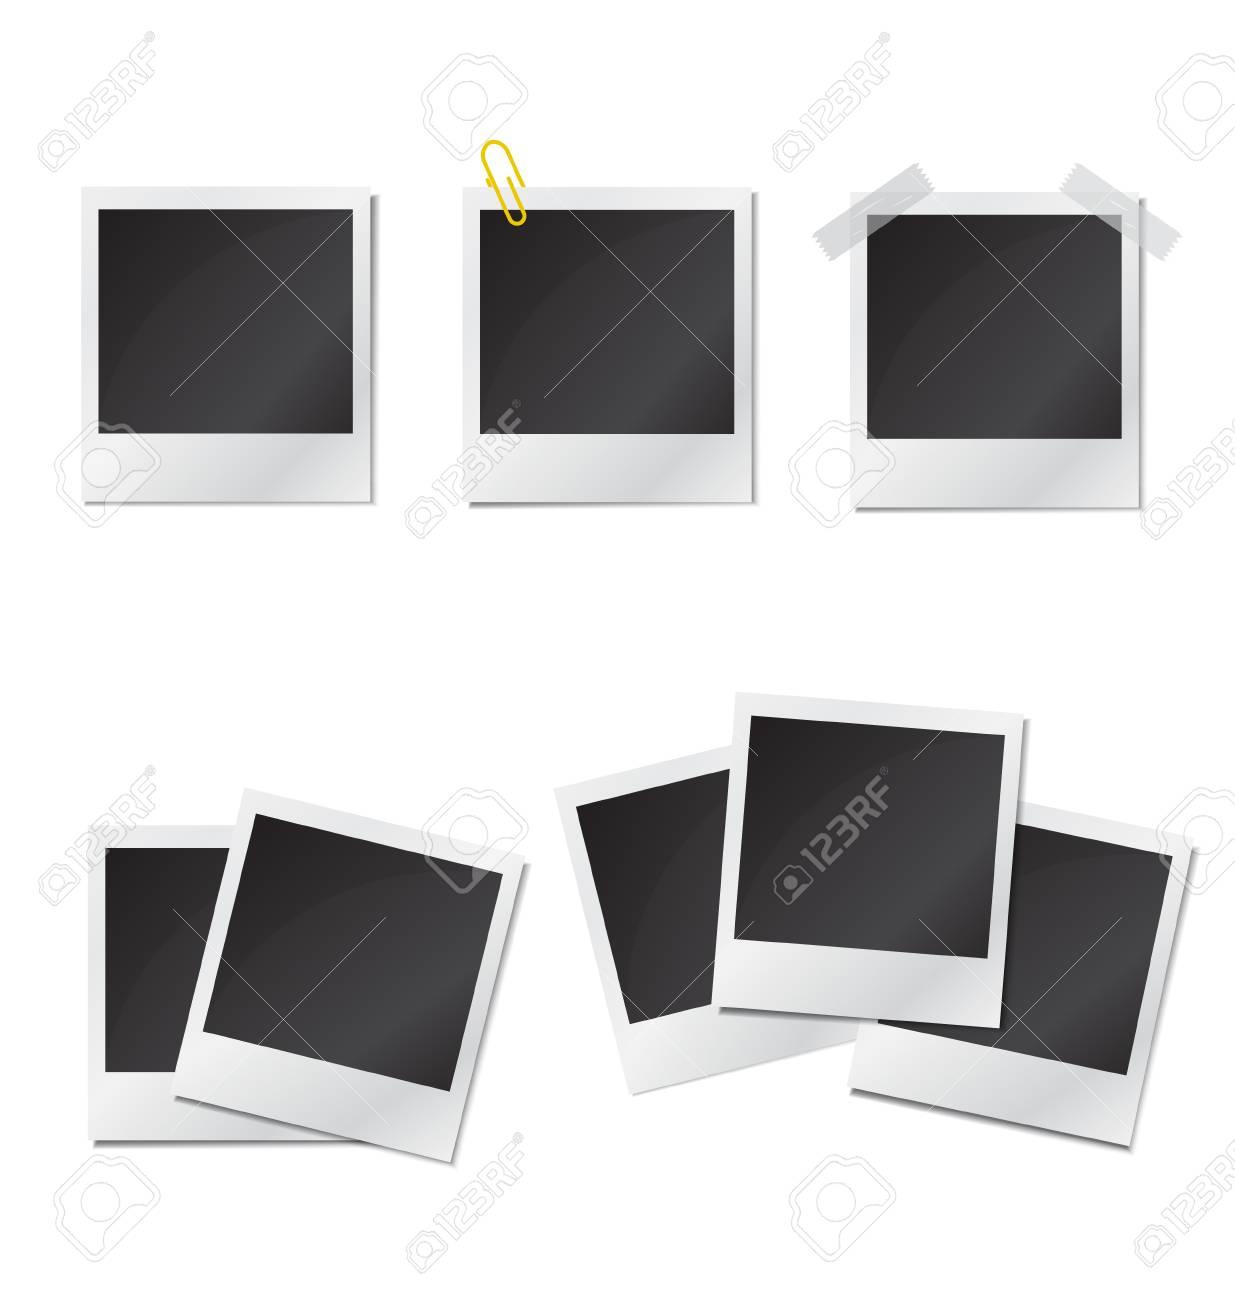 Erfreut Polaroid Foto Vorlage Ideen - Beispiel Anschreiben für ...